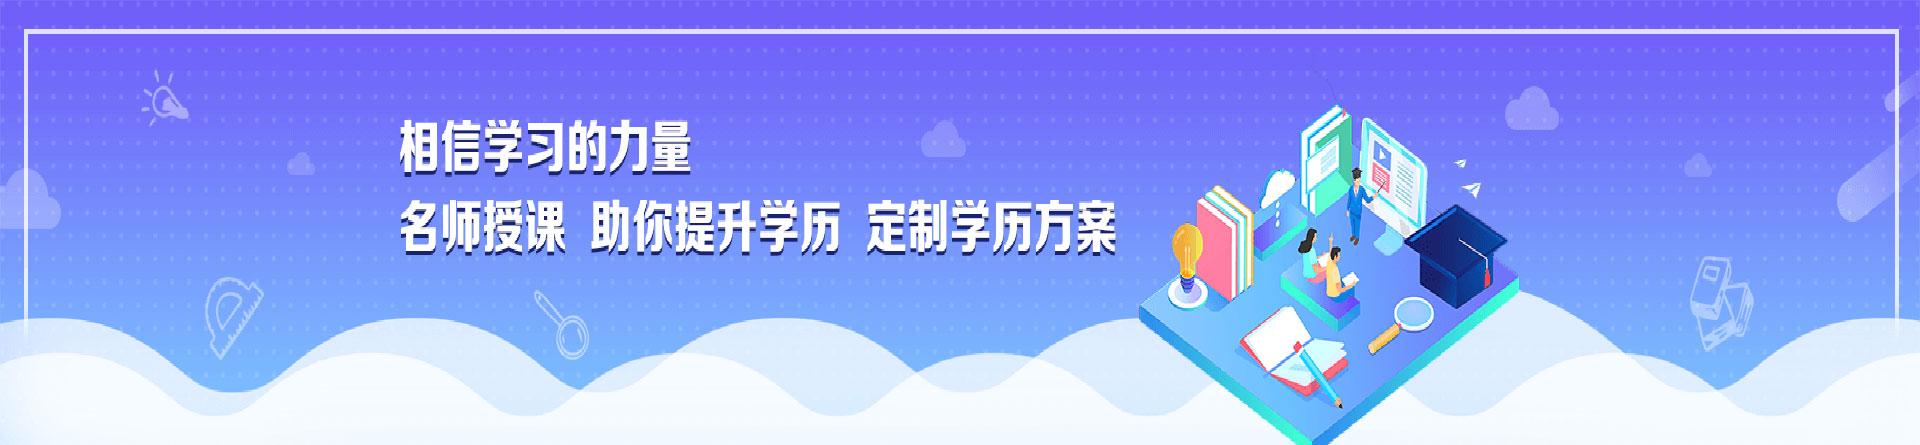 郑州龙门教育